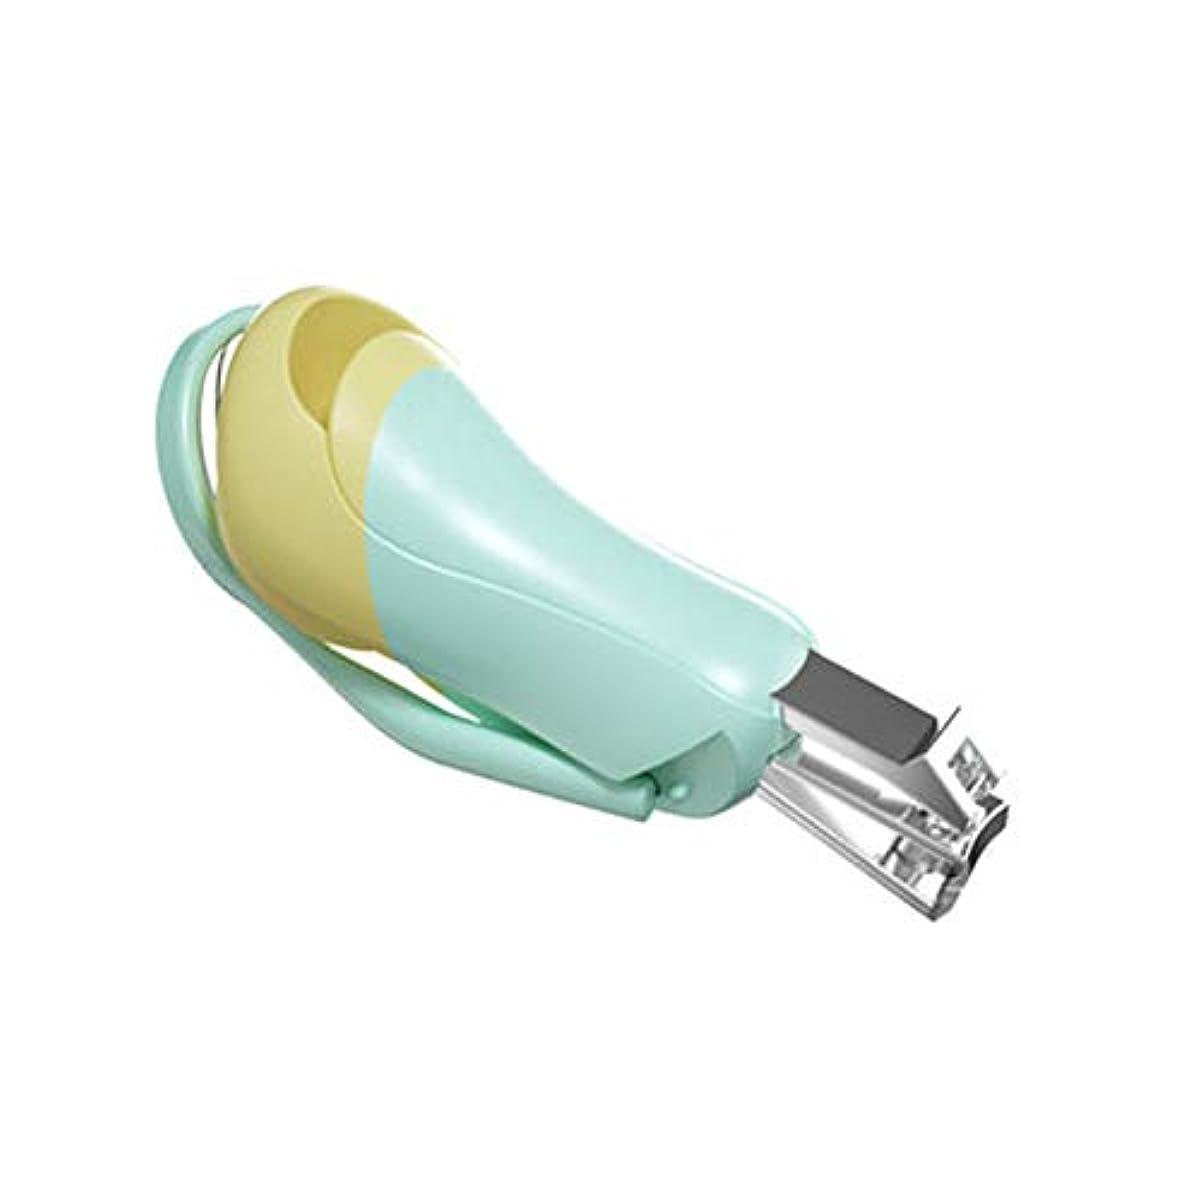 その間受け継ぐ車赤ちゃんの爪切り折り畳み可能爪切り携帯便利 爪切り、グリーン